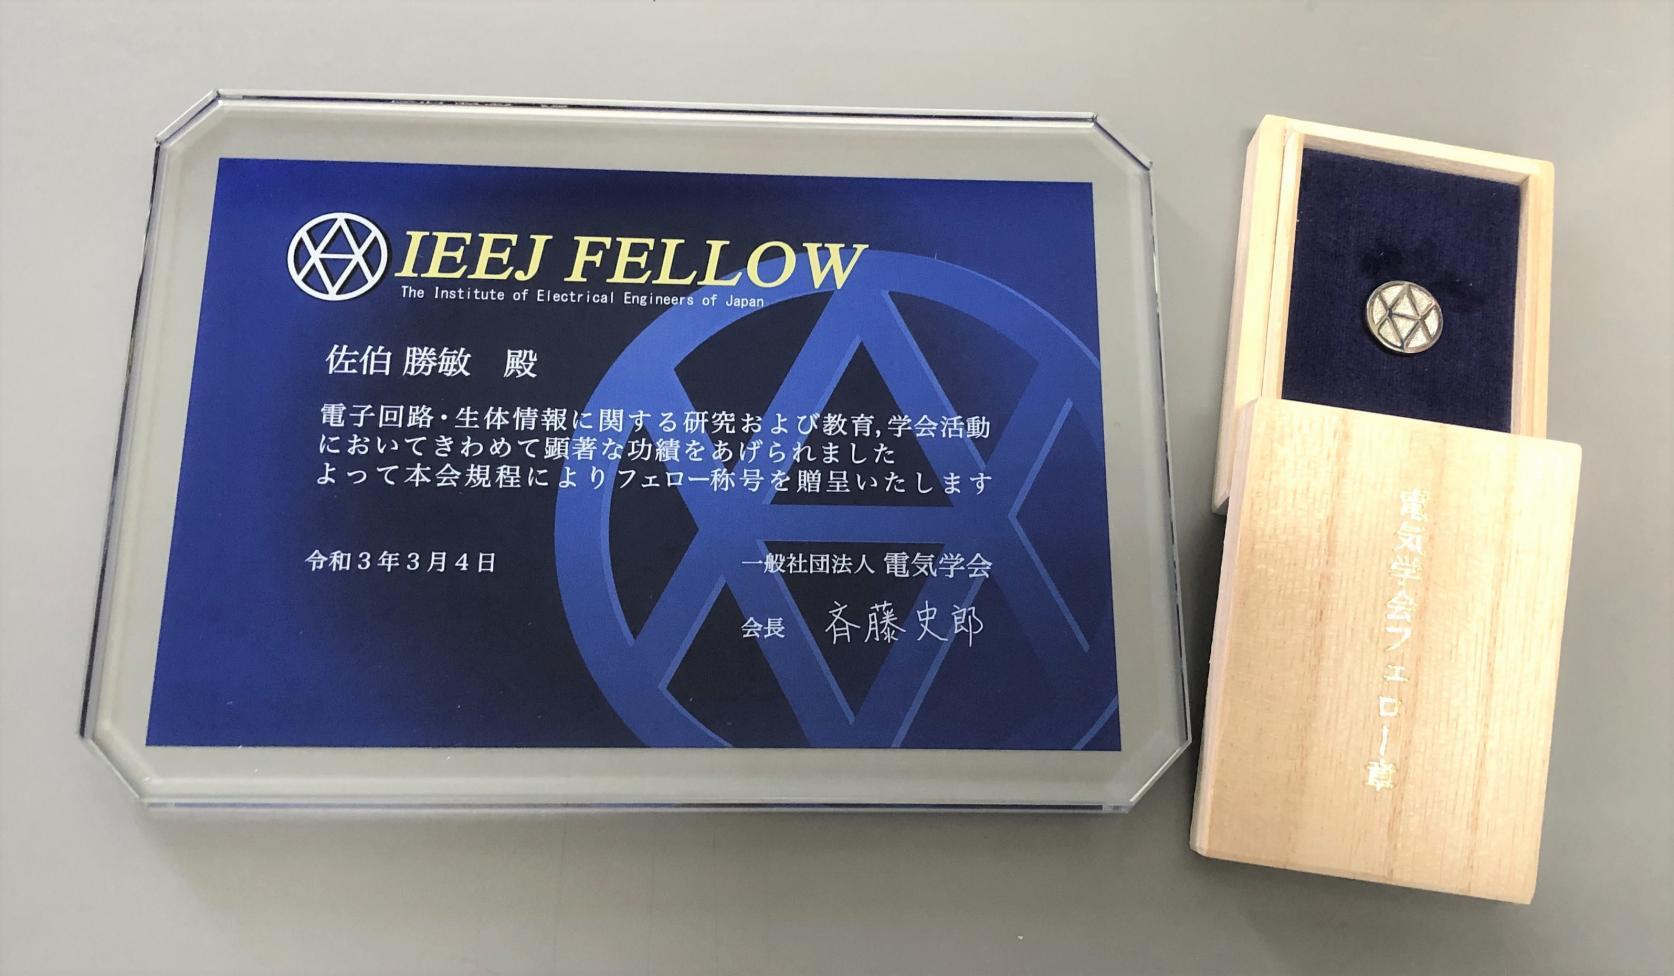 電子工学科 佐伯勝敏教授が電気学会よりフェローの称号を授与されました。